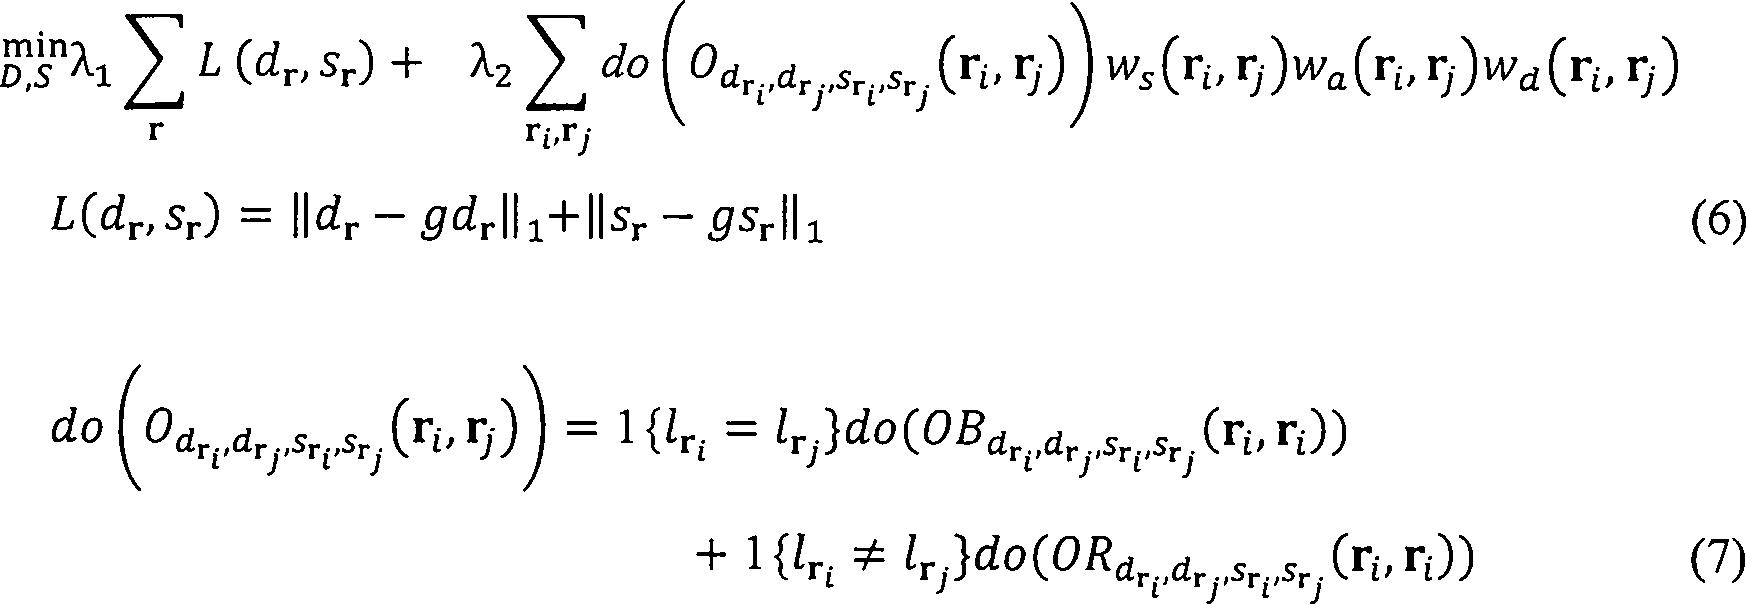 Figure DE102016005407A1_0006